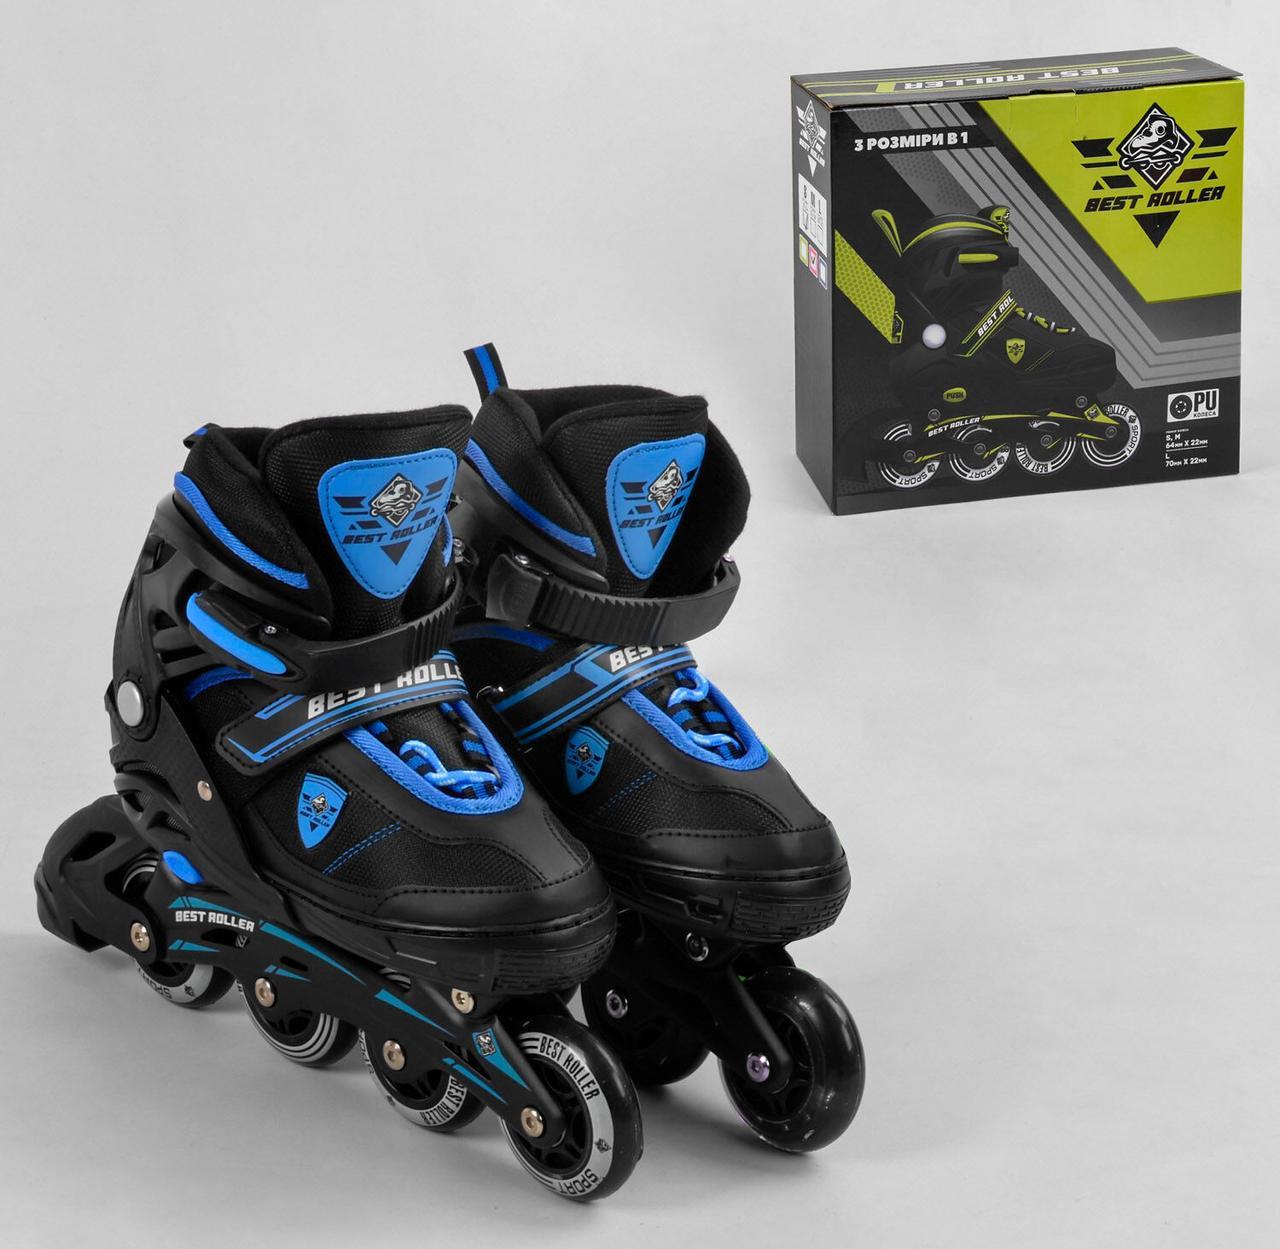 Ролики універсальні для дітей, регулюється розмір 99022-М Best Roller (розмір 35-38), колір синій